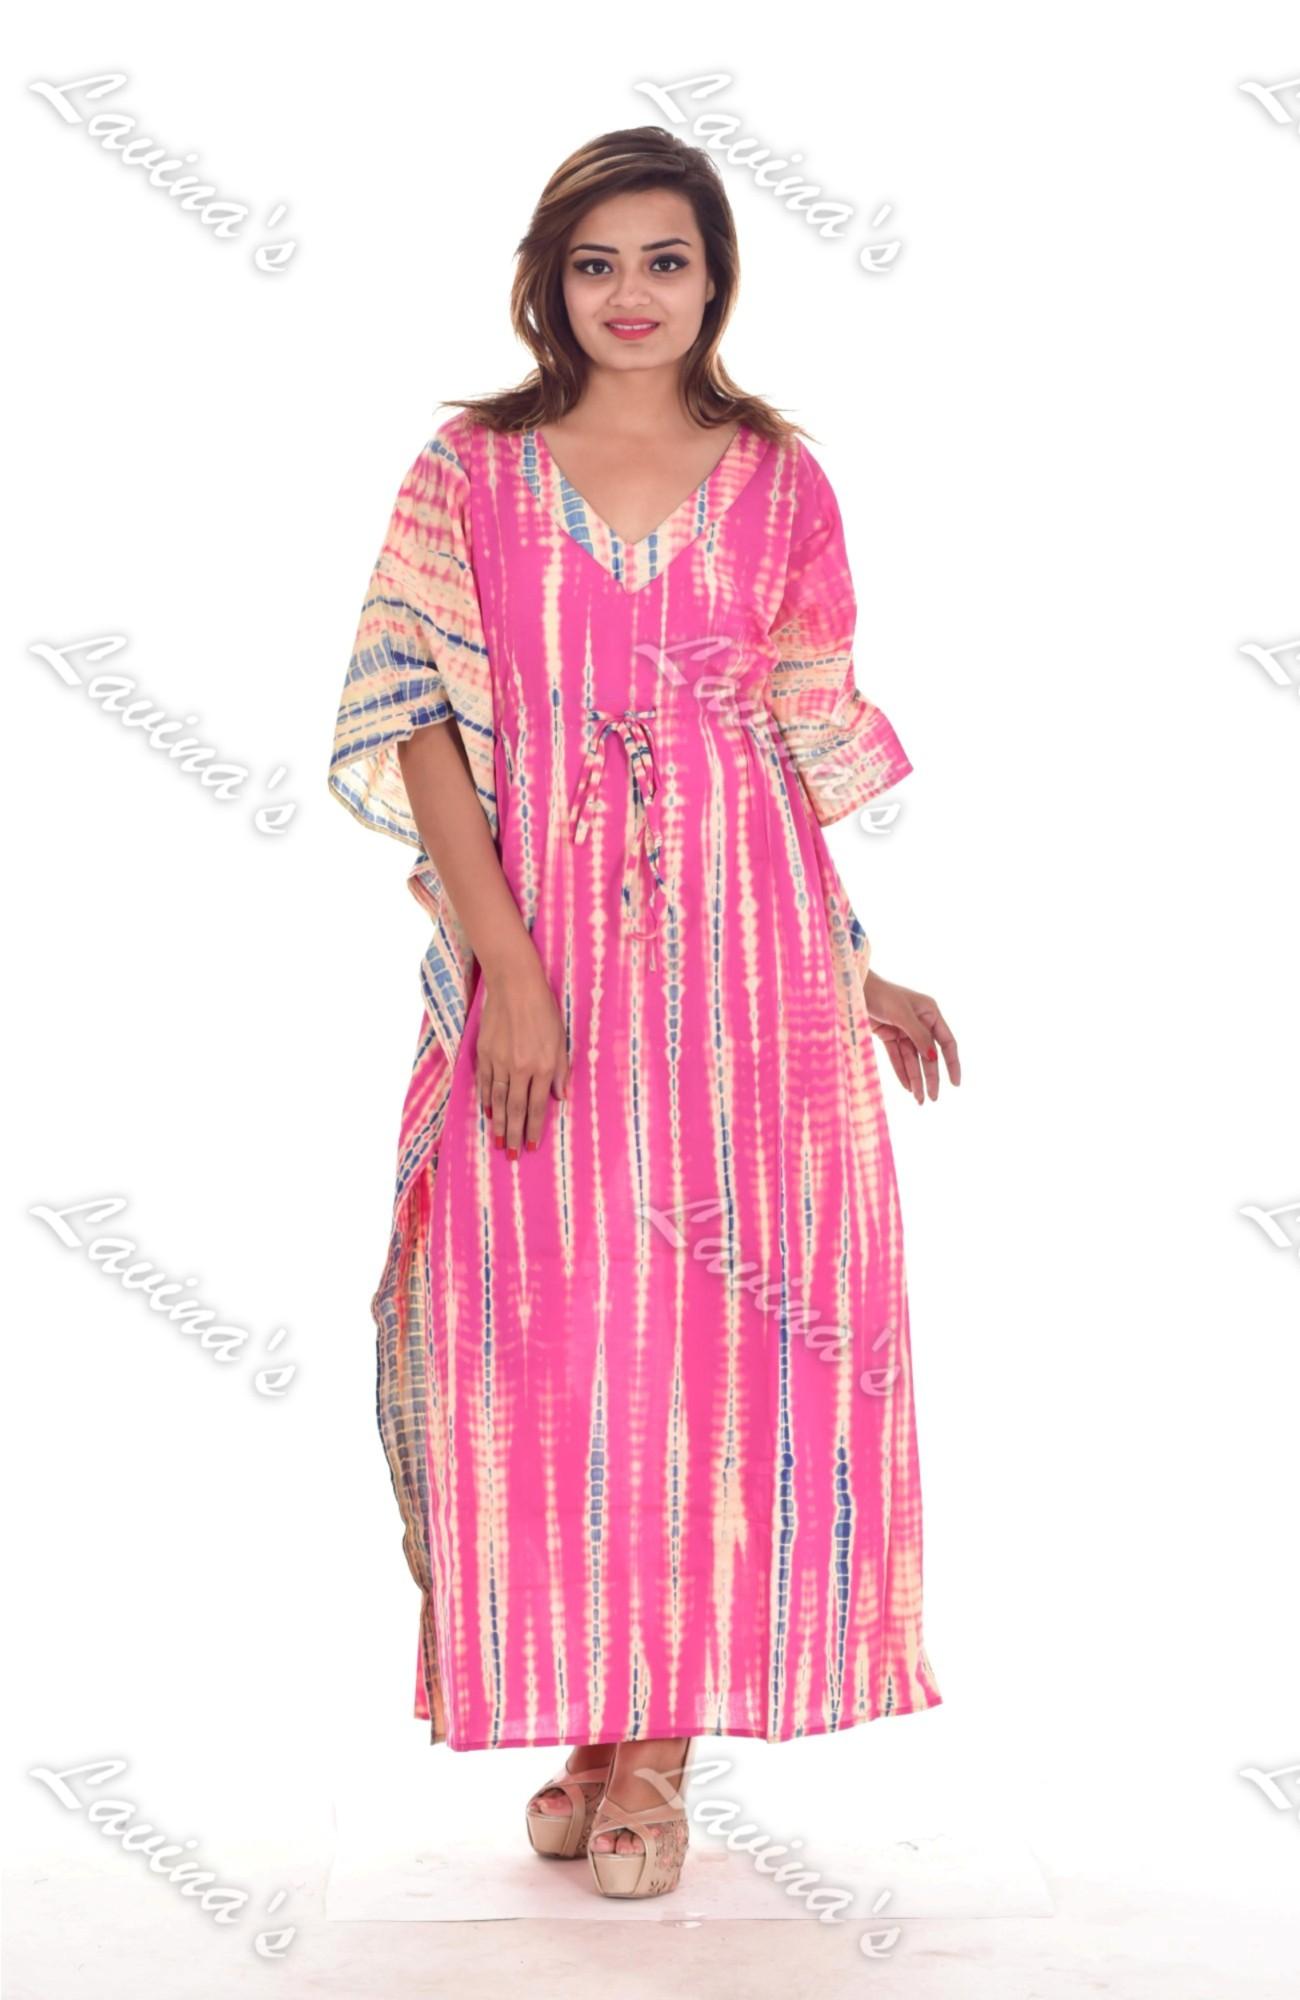 3c59f2e755e2 Long Plus Size Dresses - Macy's